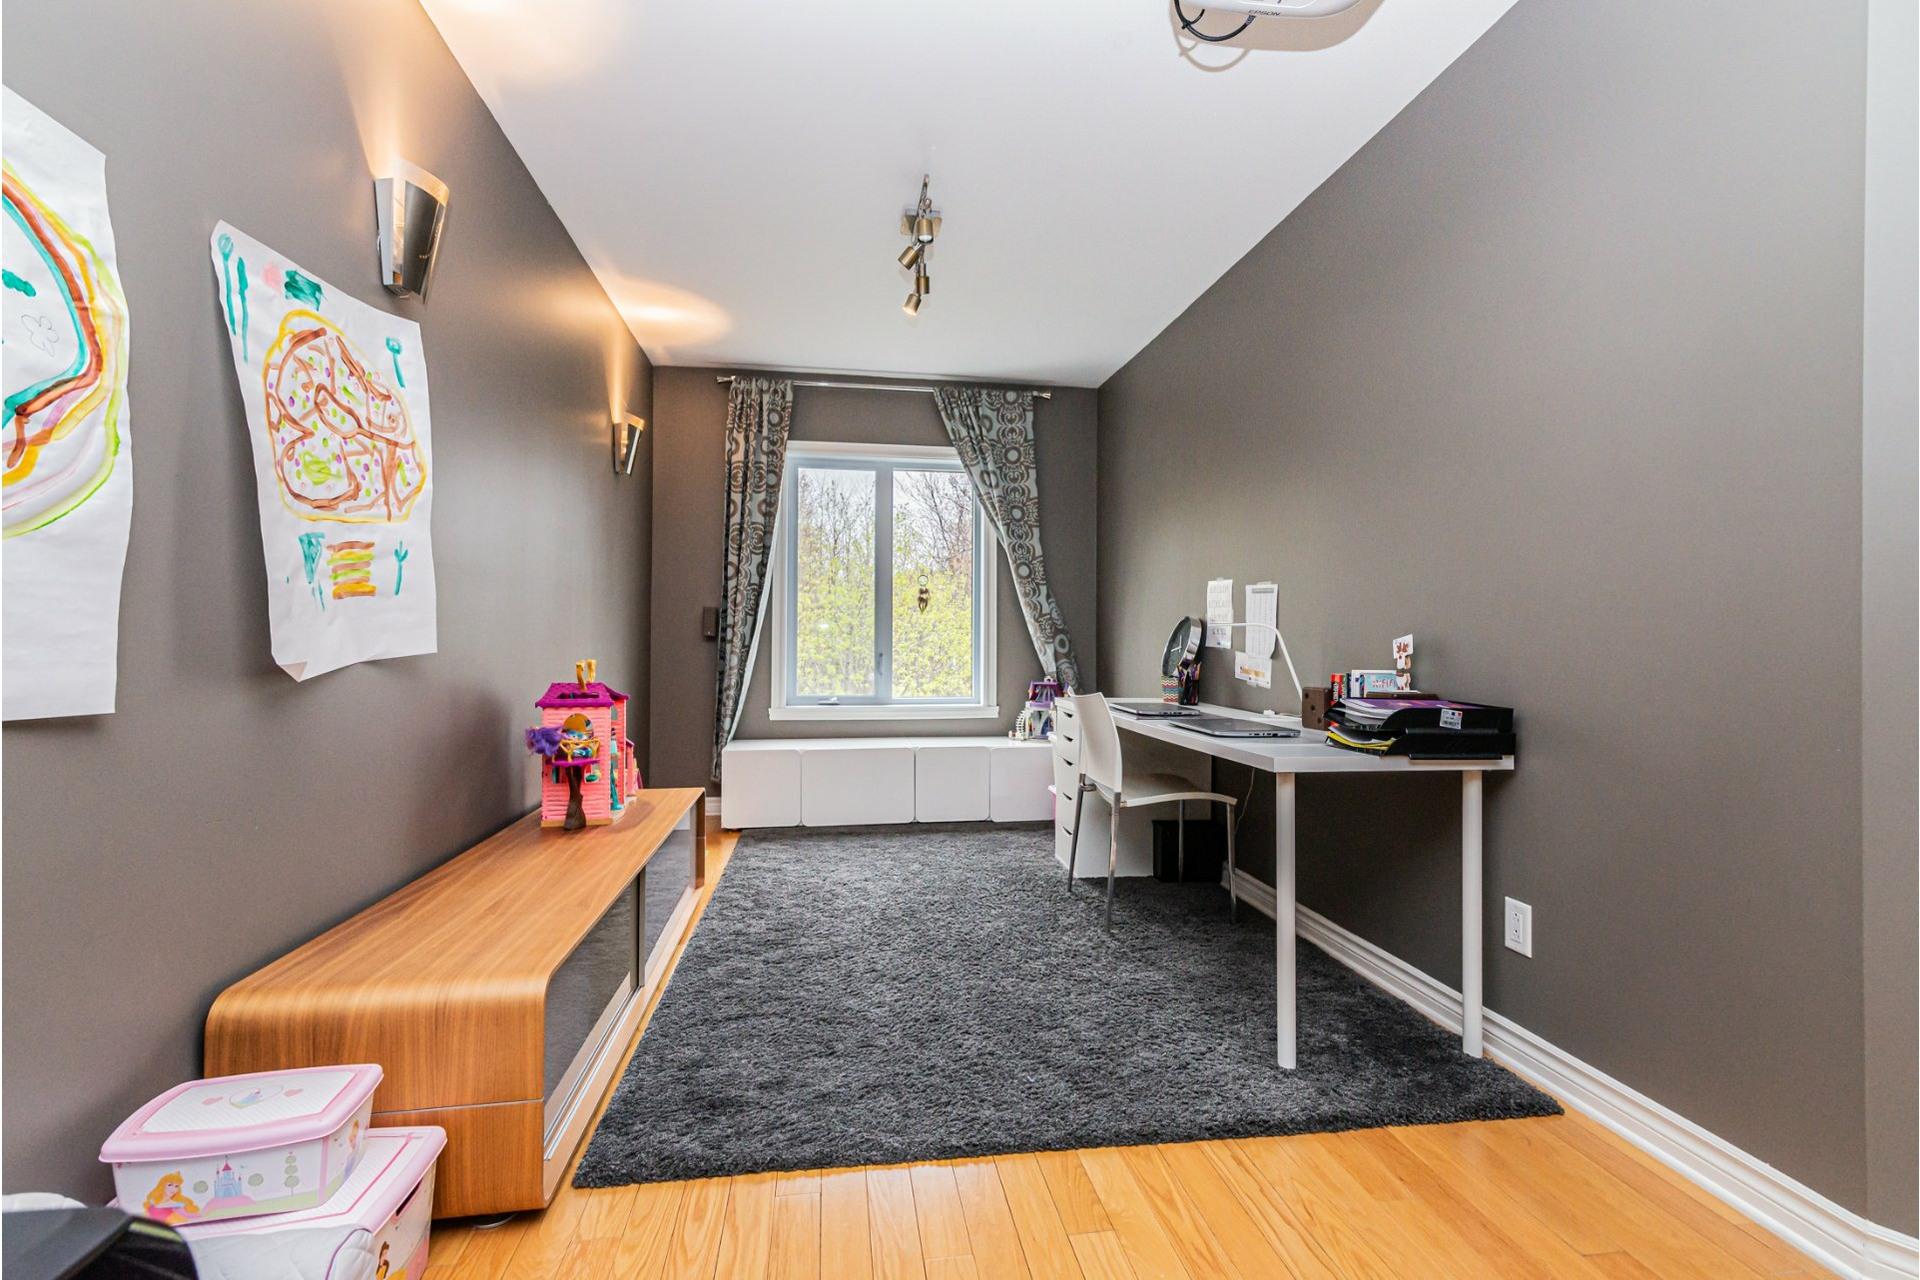 image 26 - Maison À vendre Côte-des-Neiges/Notre-Dame-de-Grâce Montréal  - 11 pièces